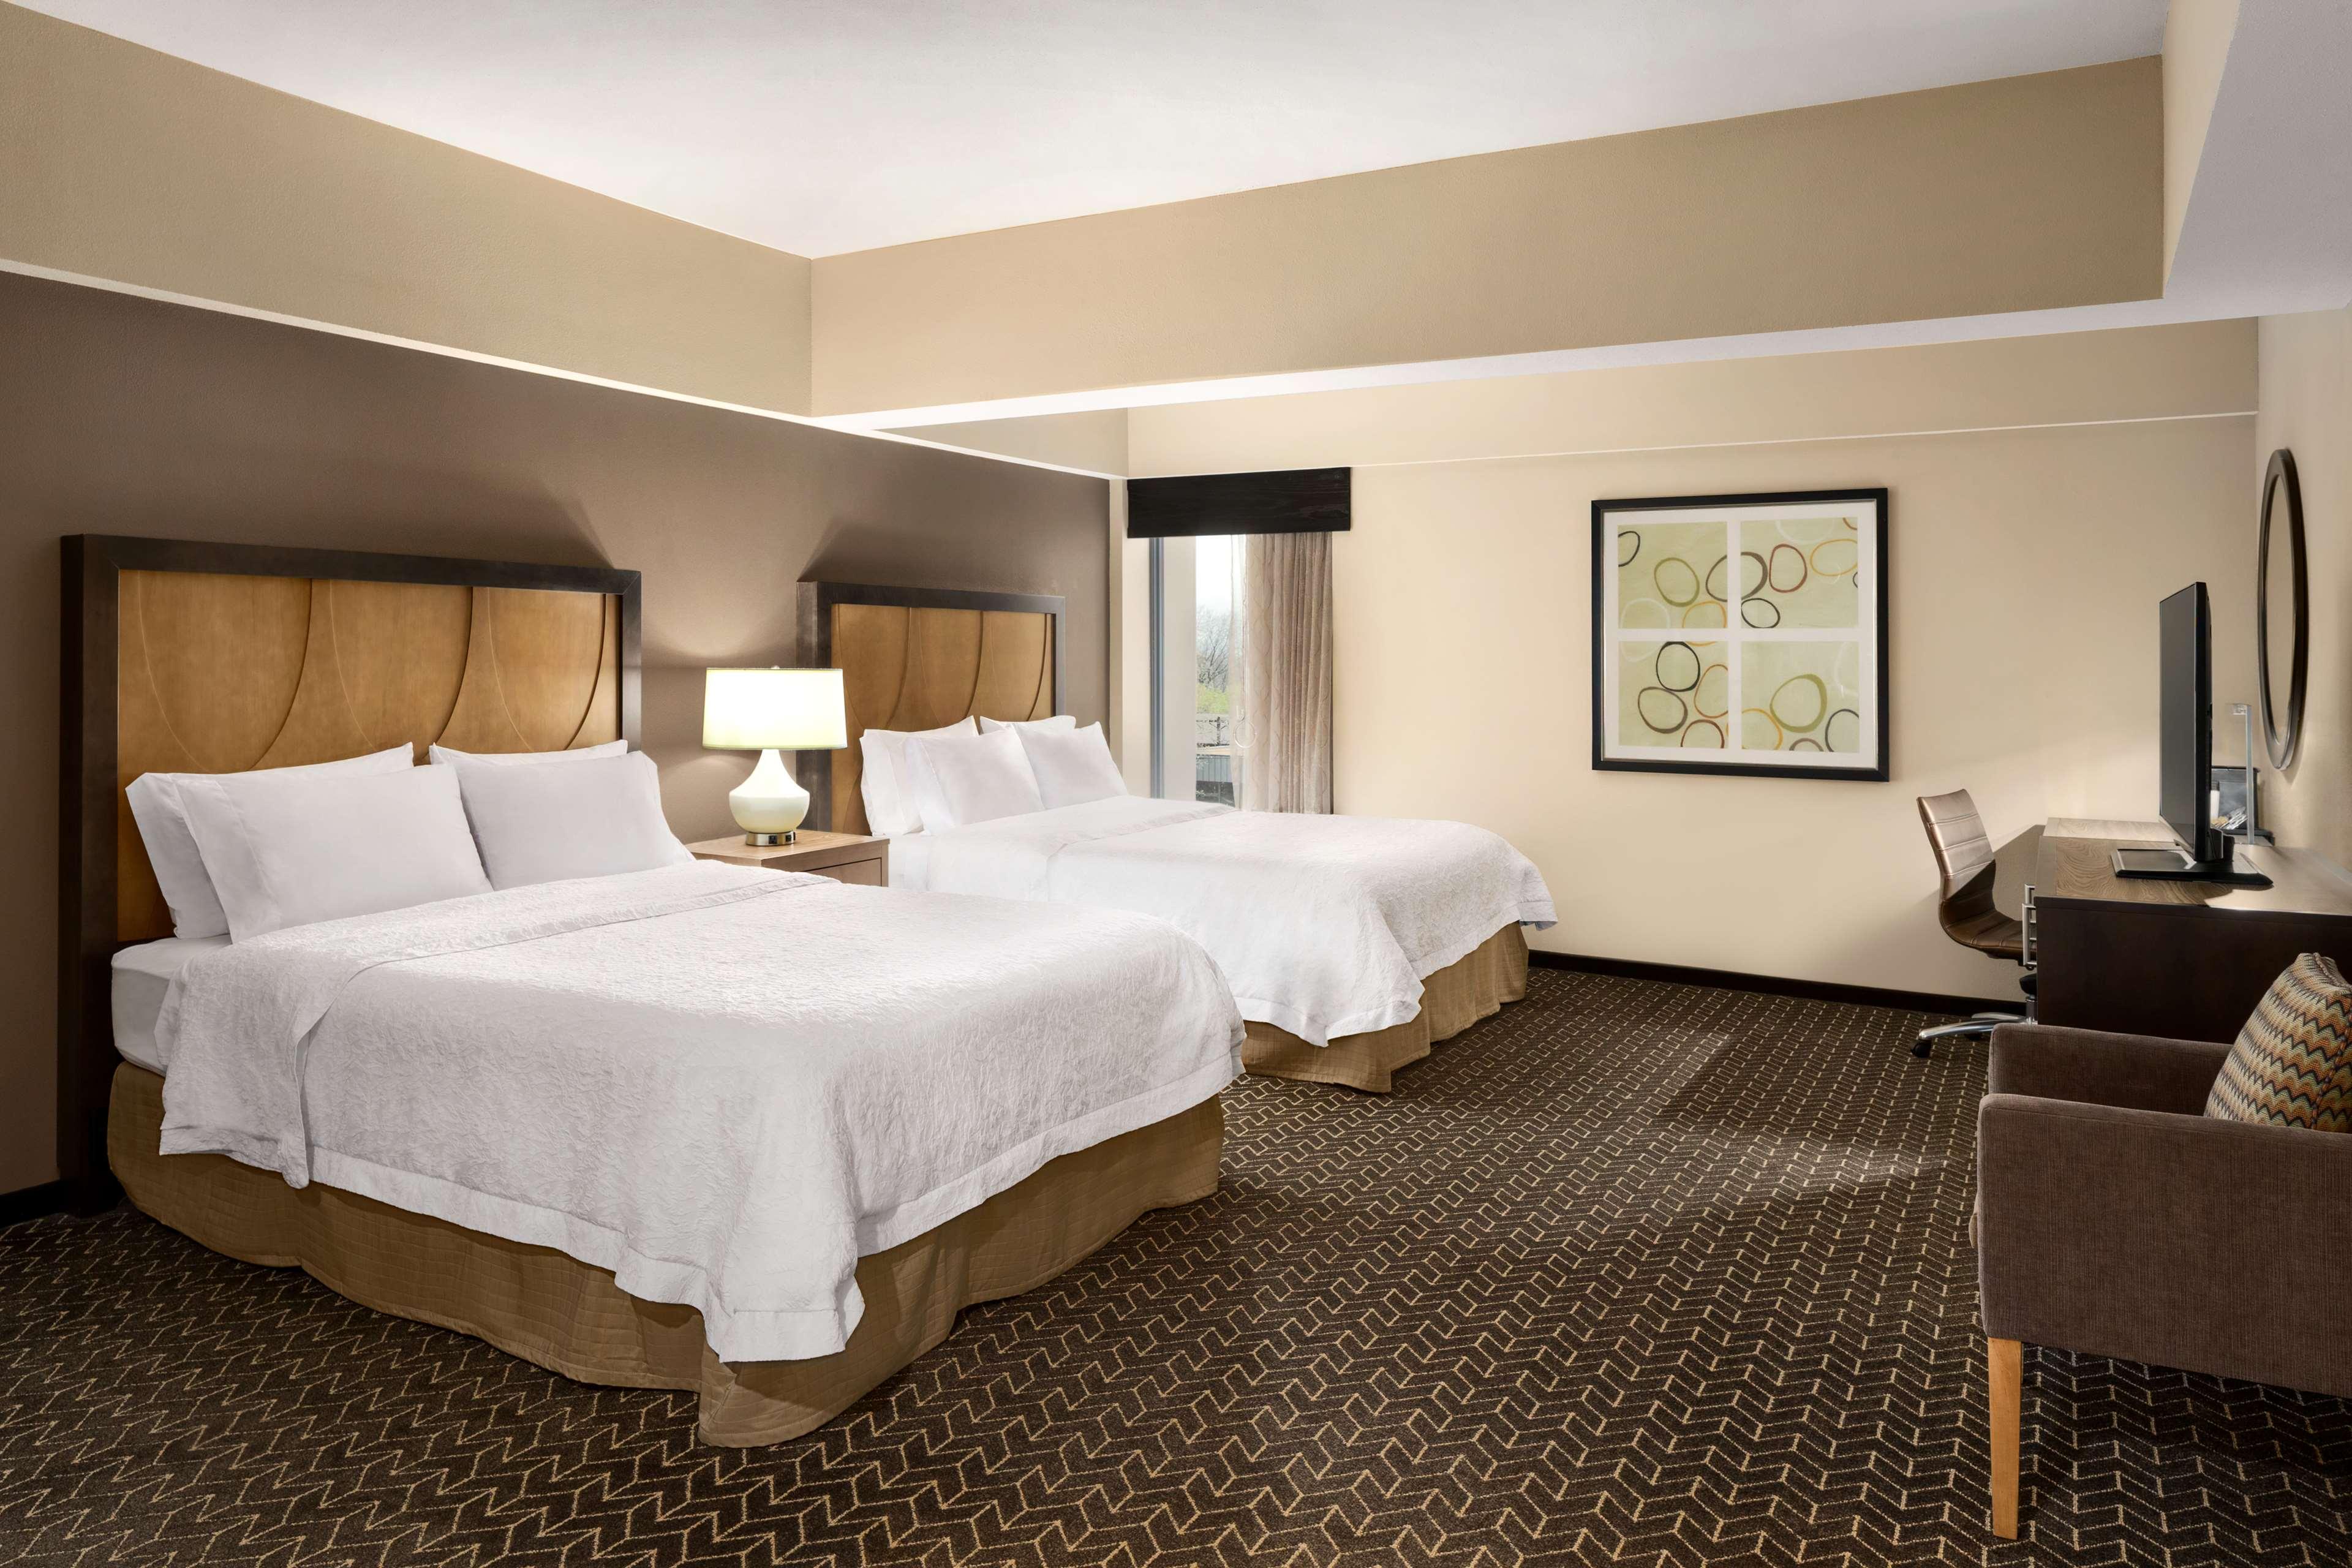 Hampton Inn and Suites Clayton/St Louis-Galleria Area image 26